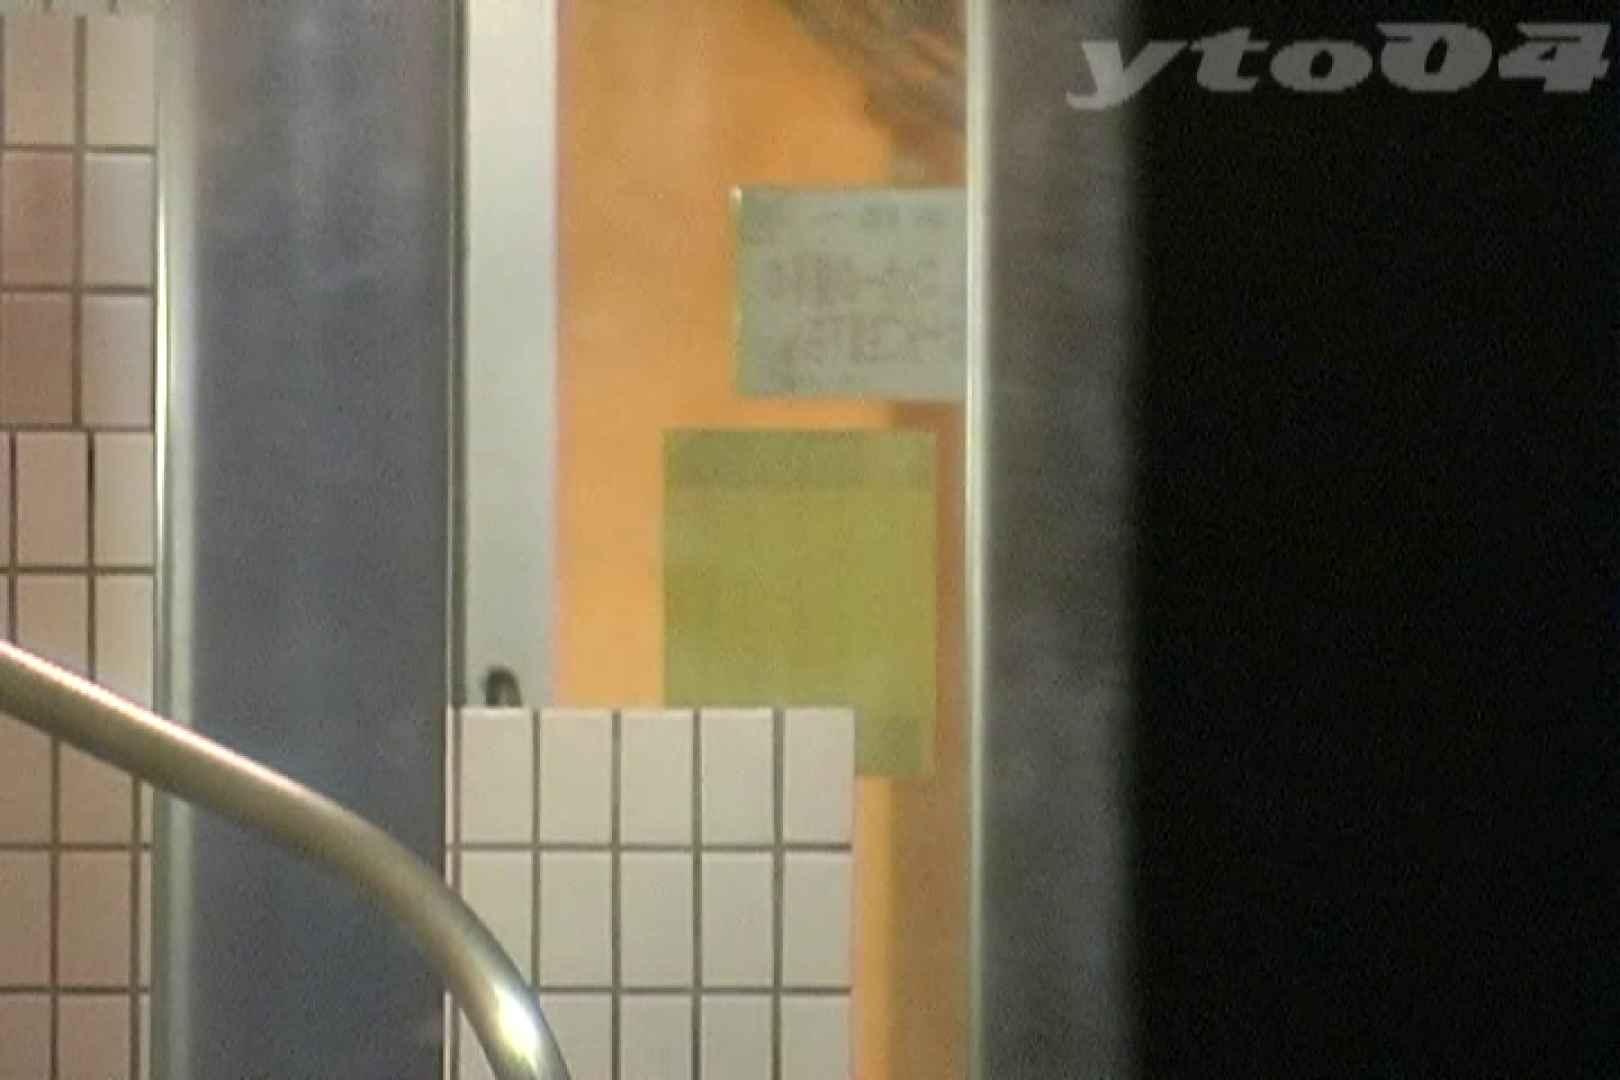 ▲復活限定▲合宿ホテル女風呂盗撮 Vol.24 ホテル 覗きおまんこ画像 75連発 52